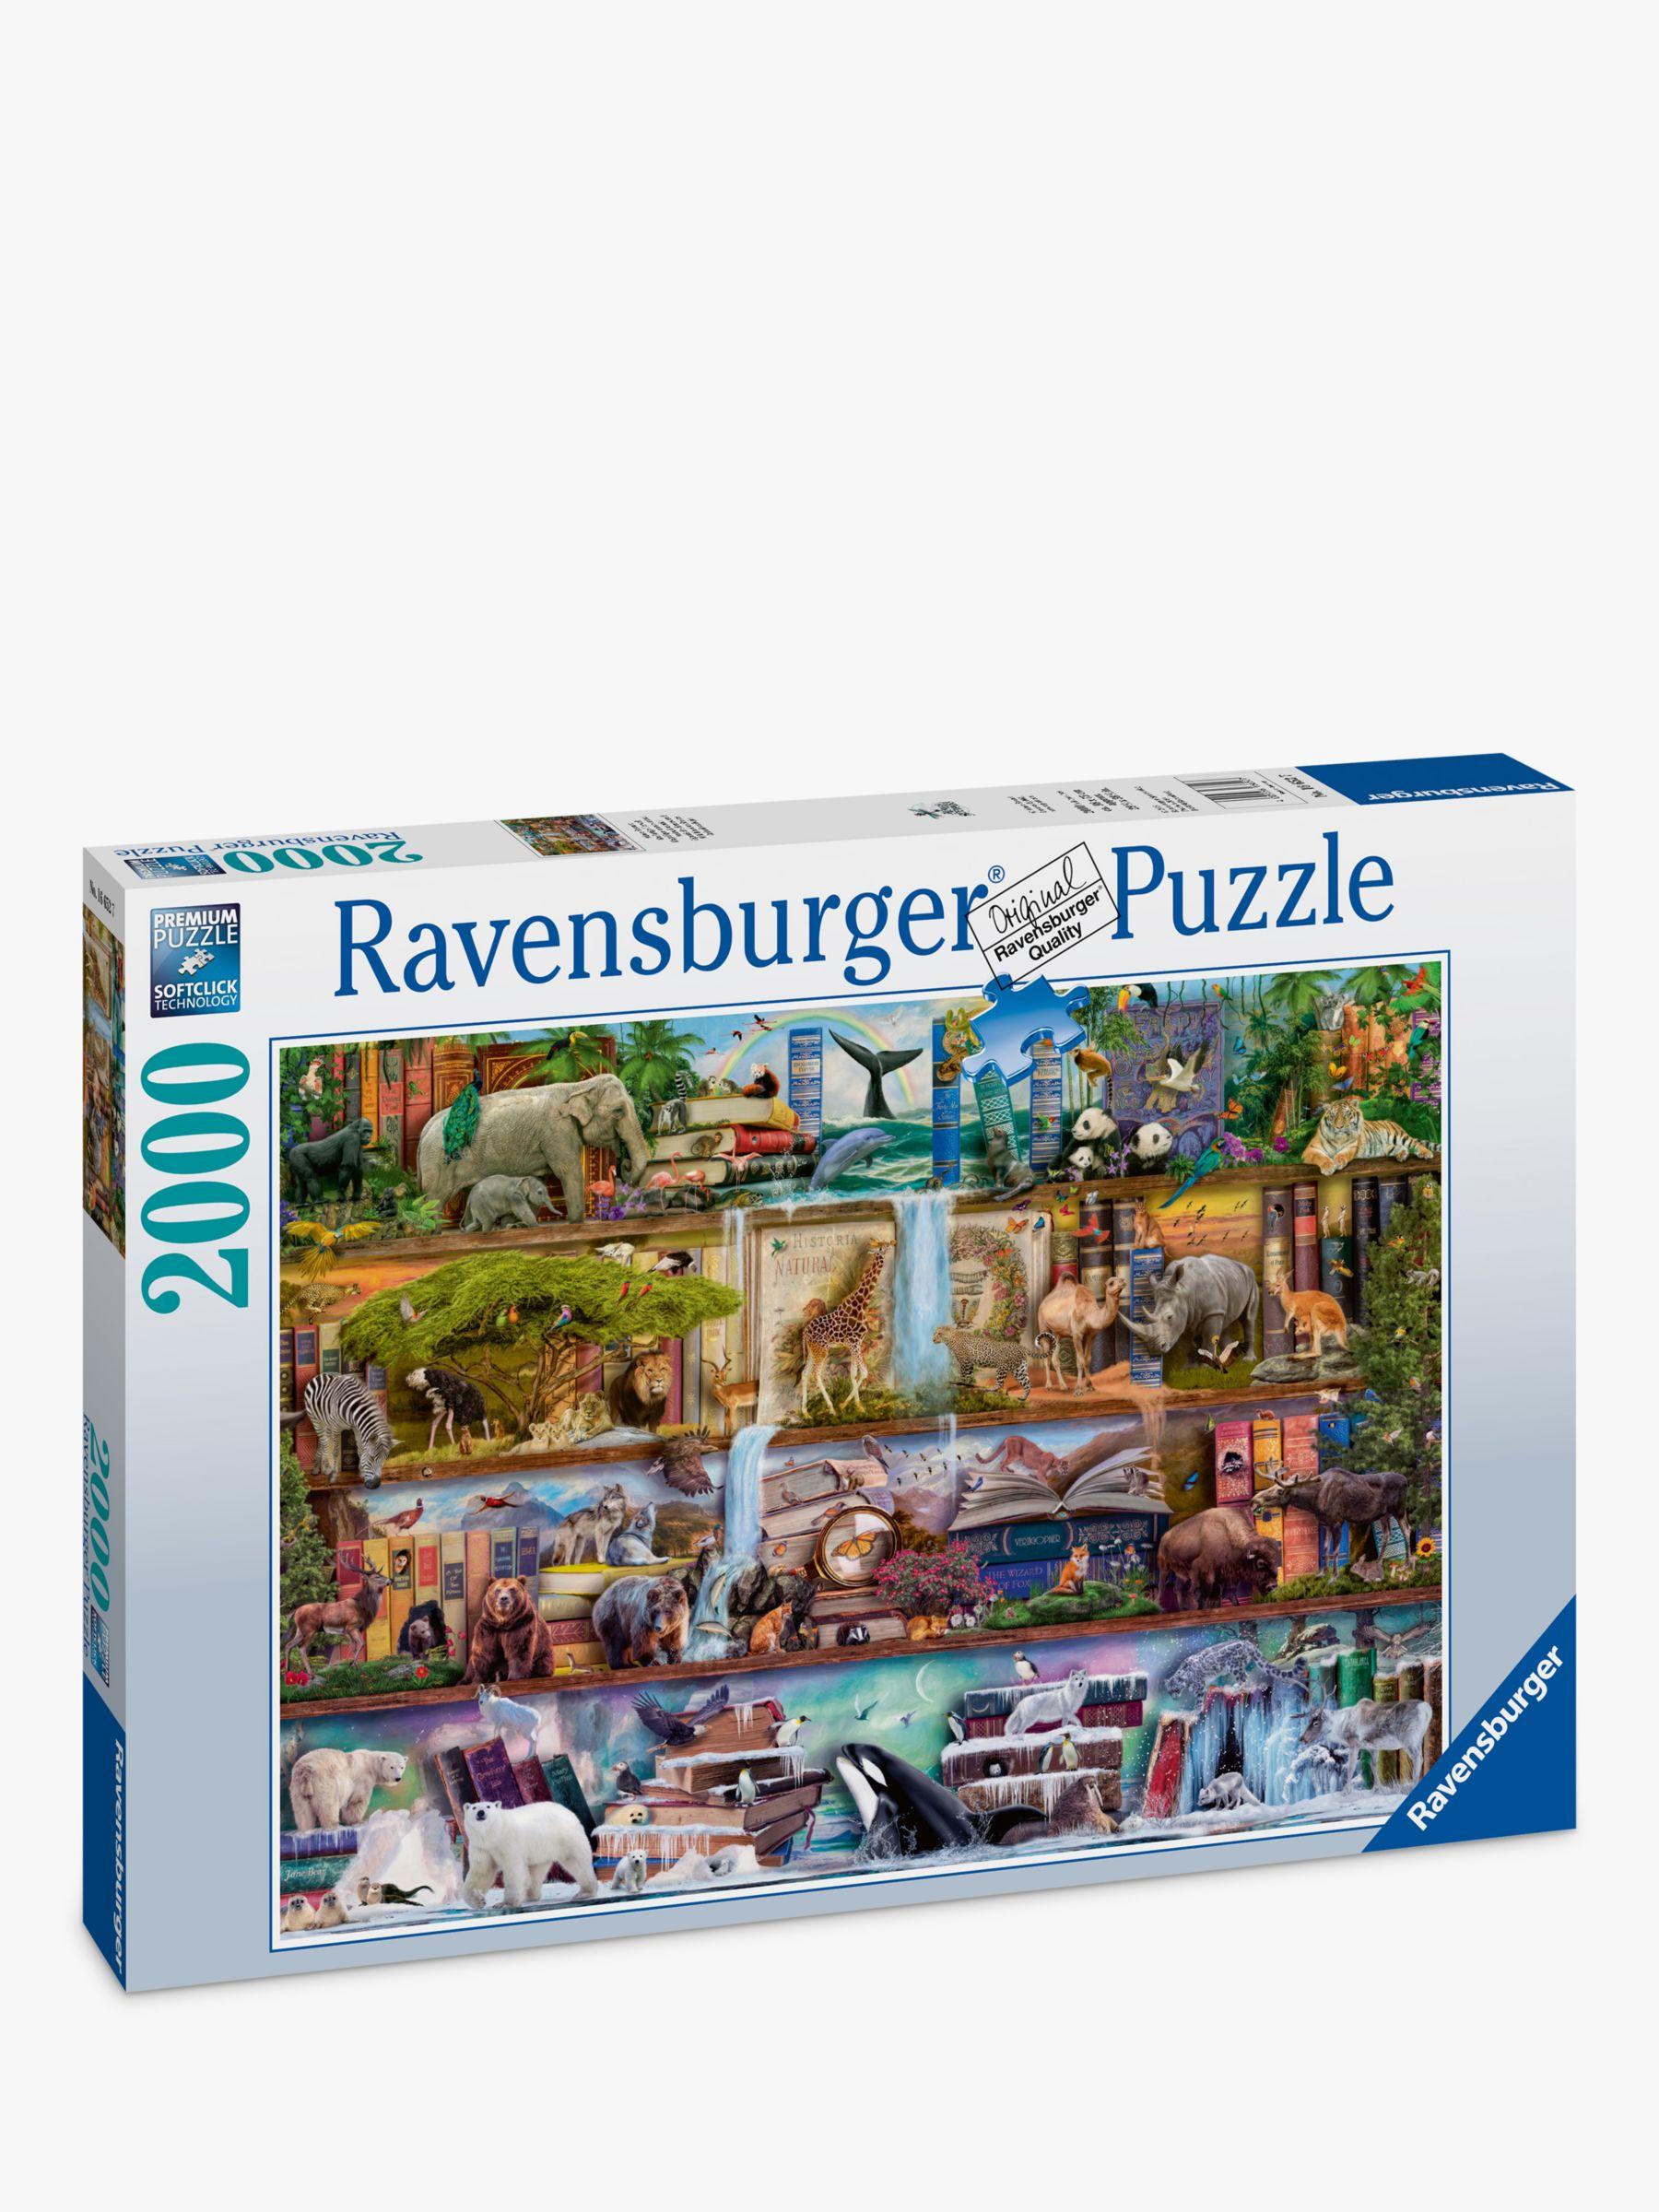 Ravensburger Ravensburger Amazing Animal Kingdom Jigsaw Puzzle, 2000 Pieces